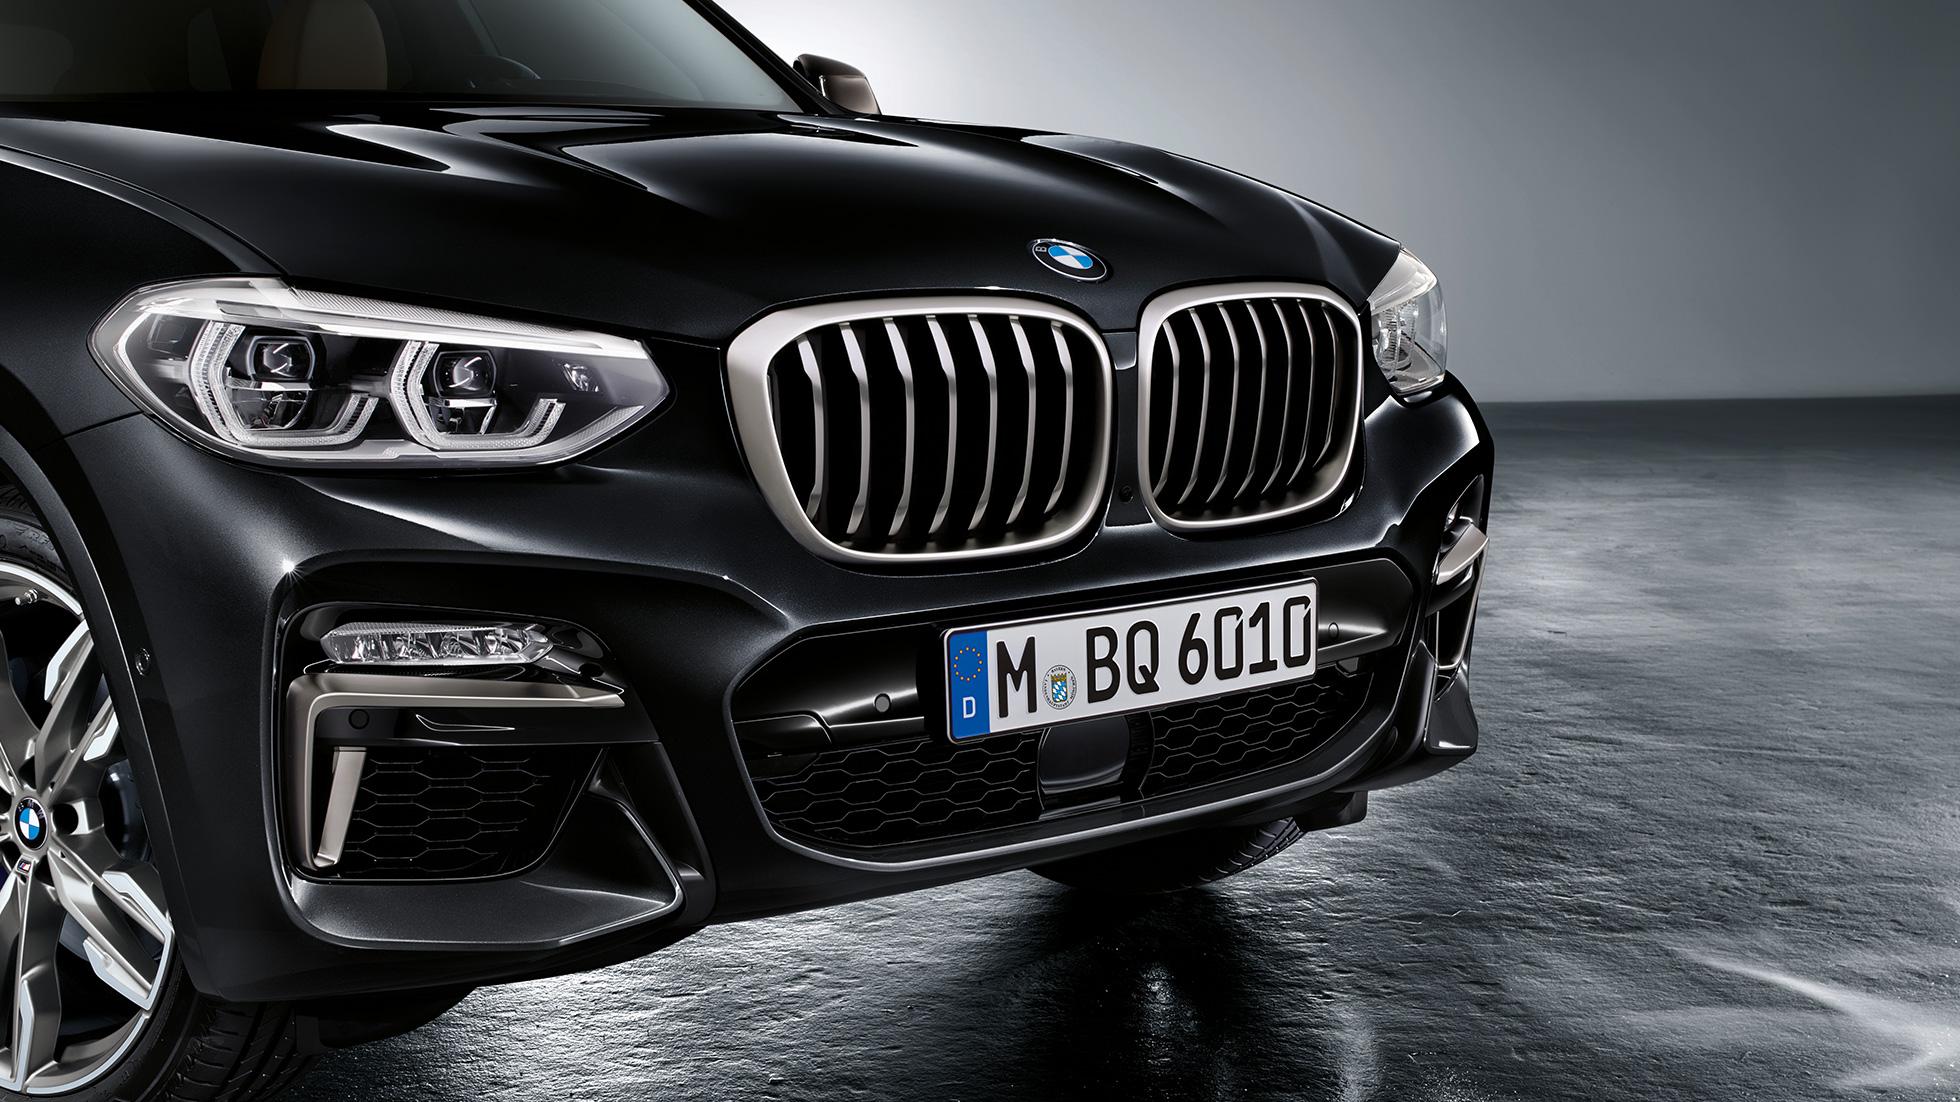 Bmw X3 M Automobile Modelle Technische Daten Preise Bmw De